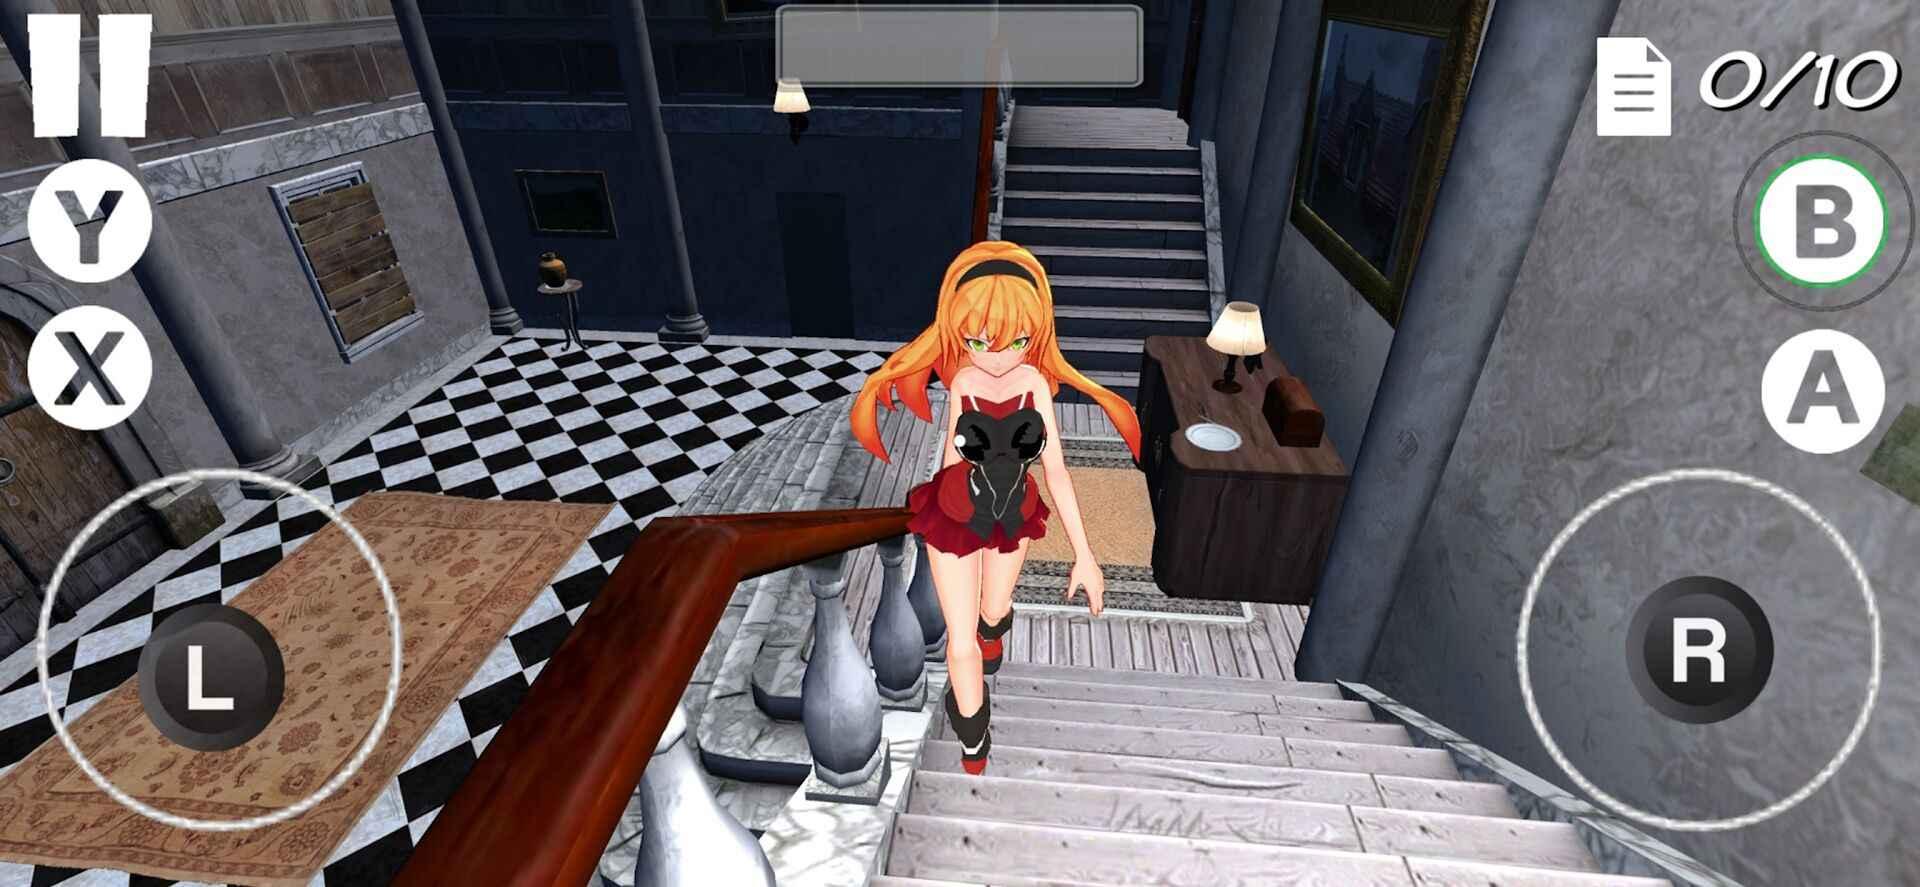 恐怖的妻子3D破解版最新无限提示下载